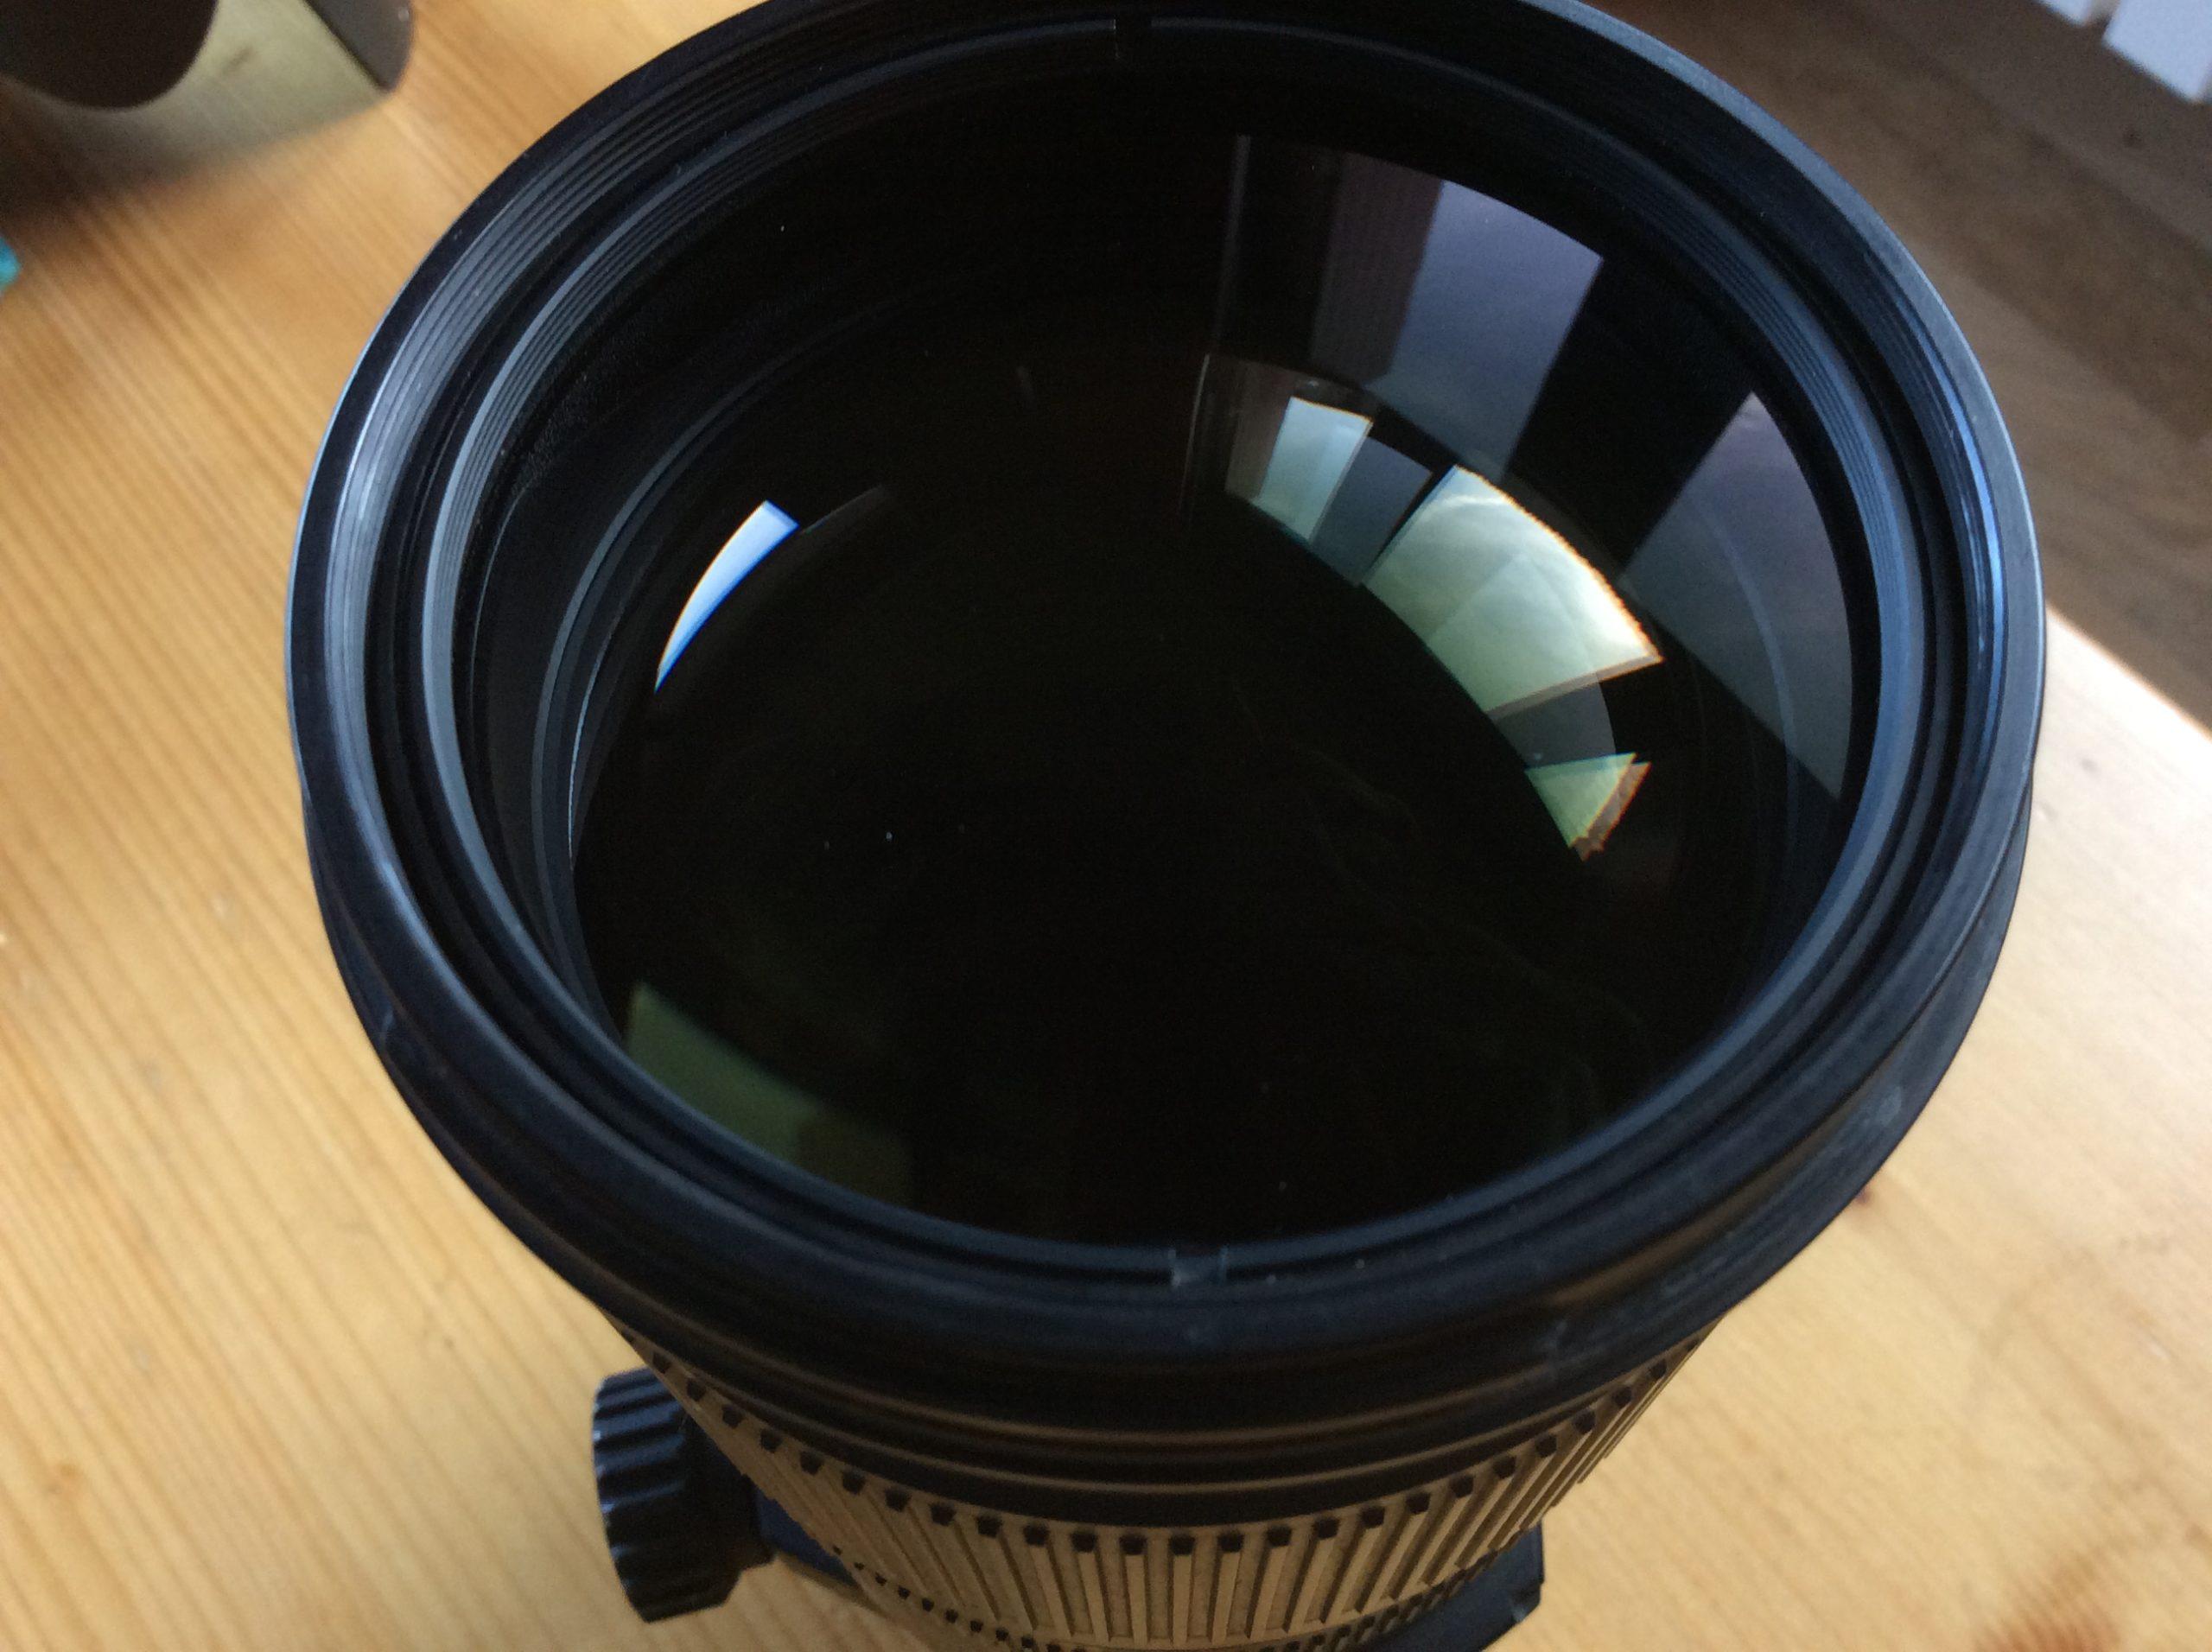 Sigma DG 70-200 mm f/2,8 EX APO HSM OS - Matériel photo d'occasion